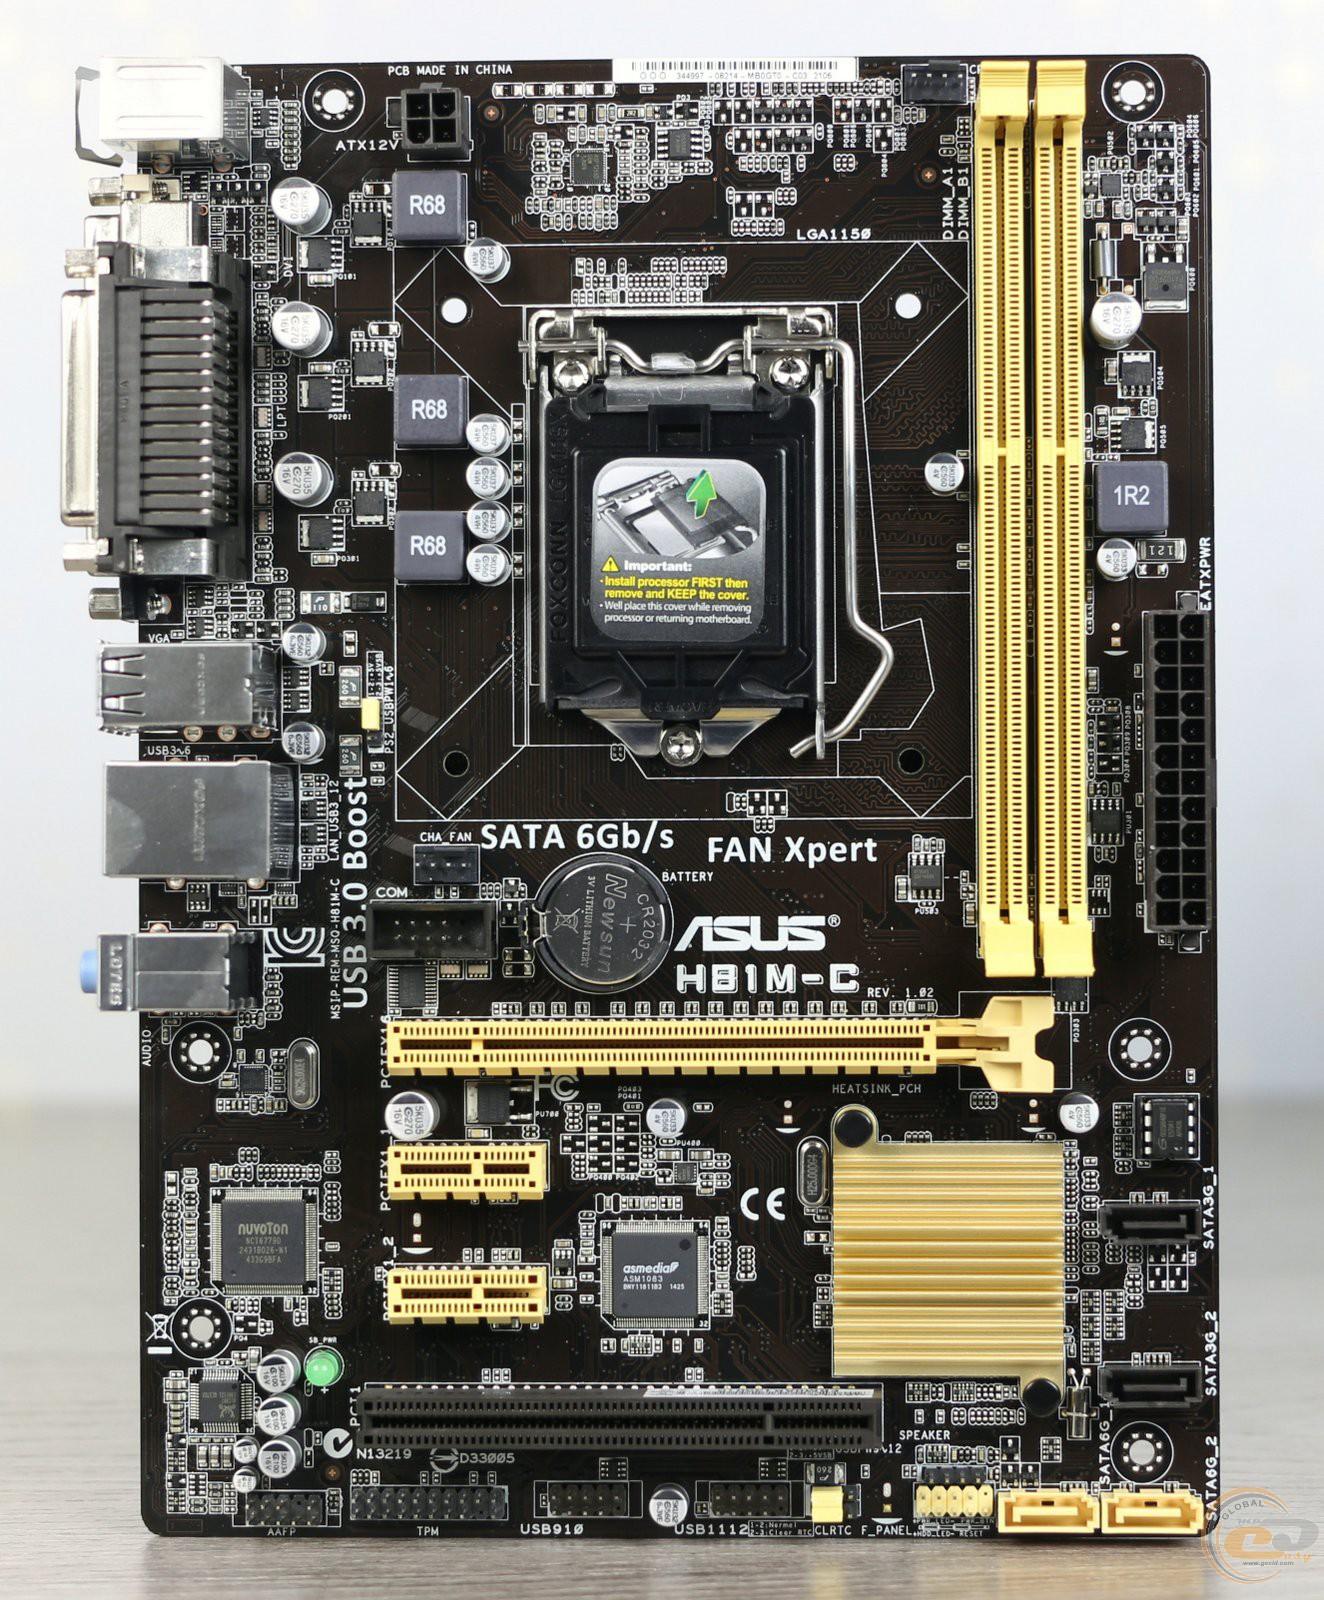 Asus H81M-C Drivers for Mac